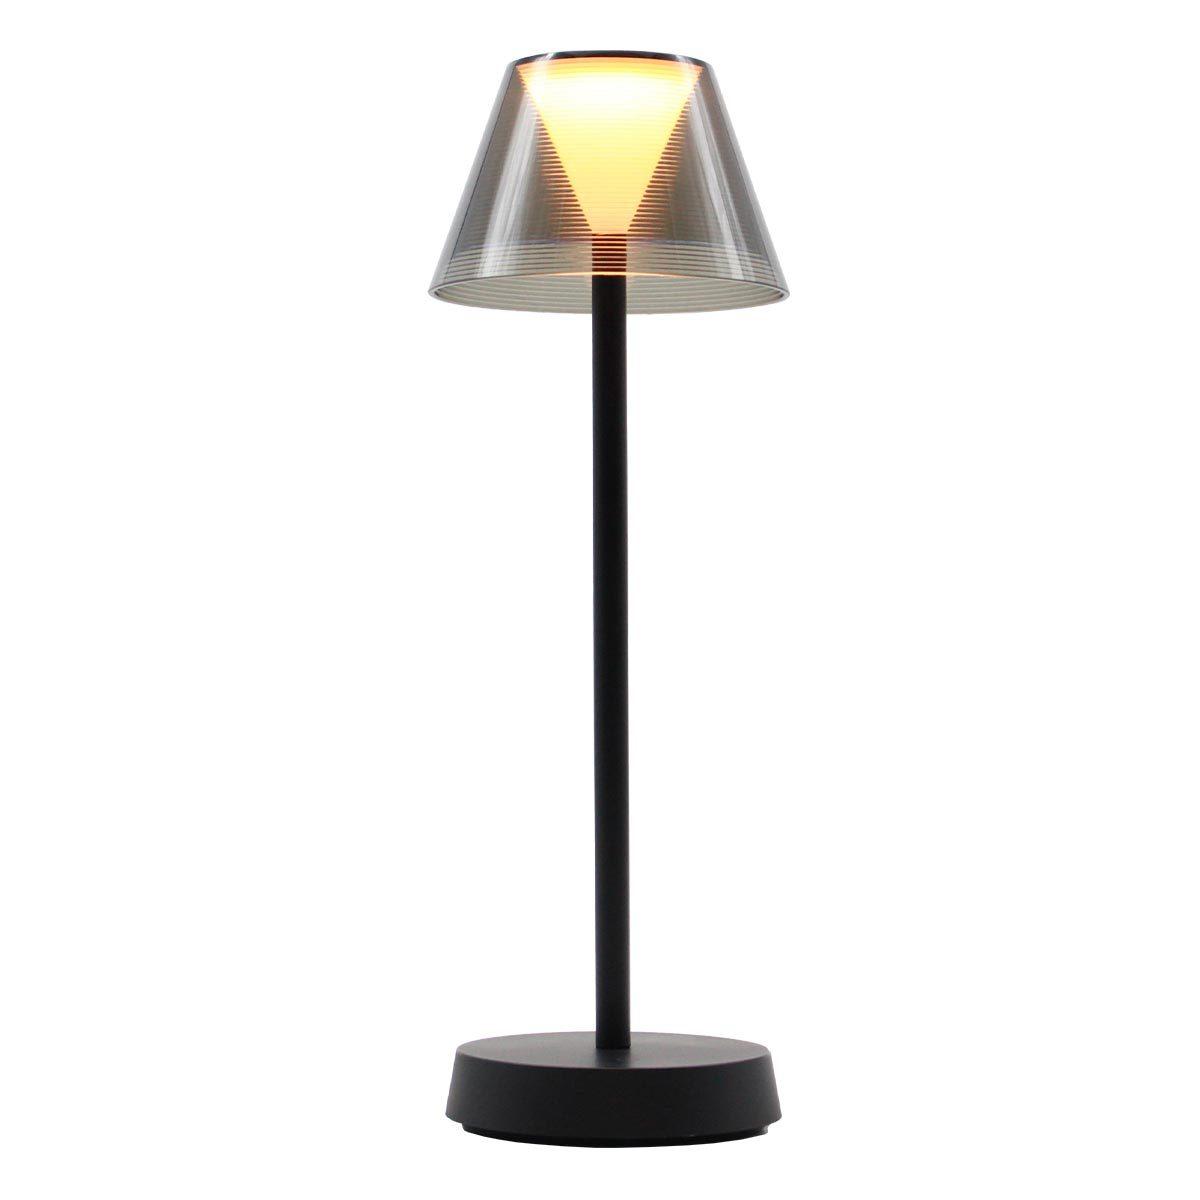 BEVERLY BLACK - Lampe de table sans fil LED blanc chaud H34cm